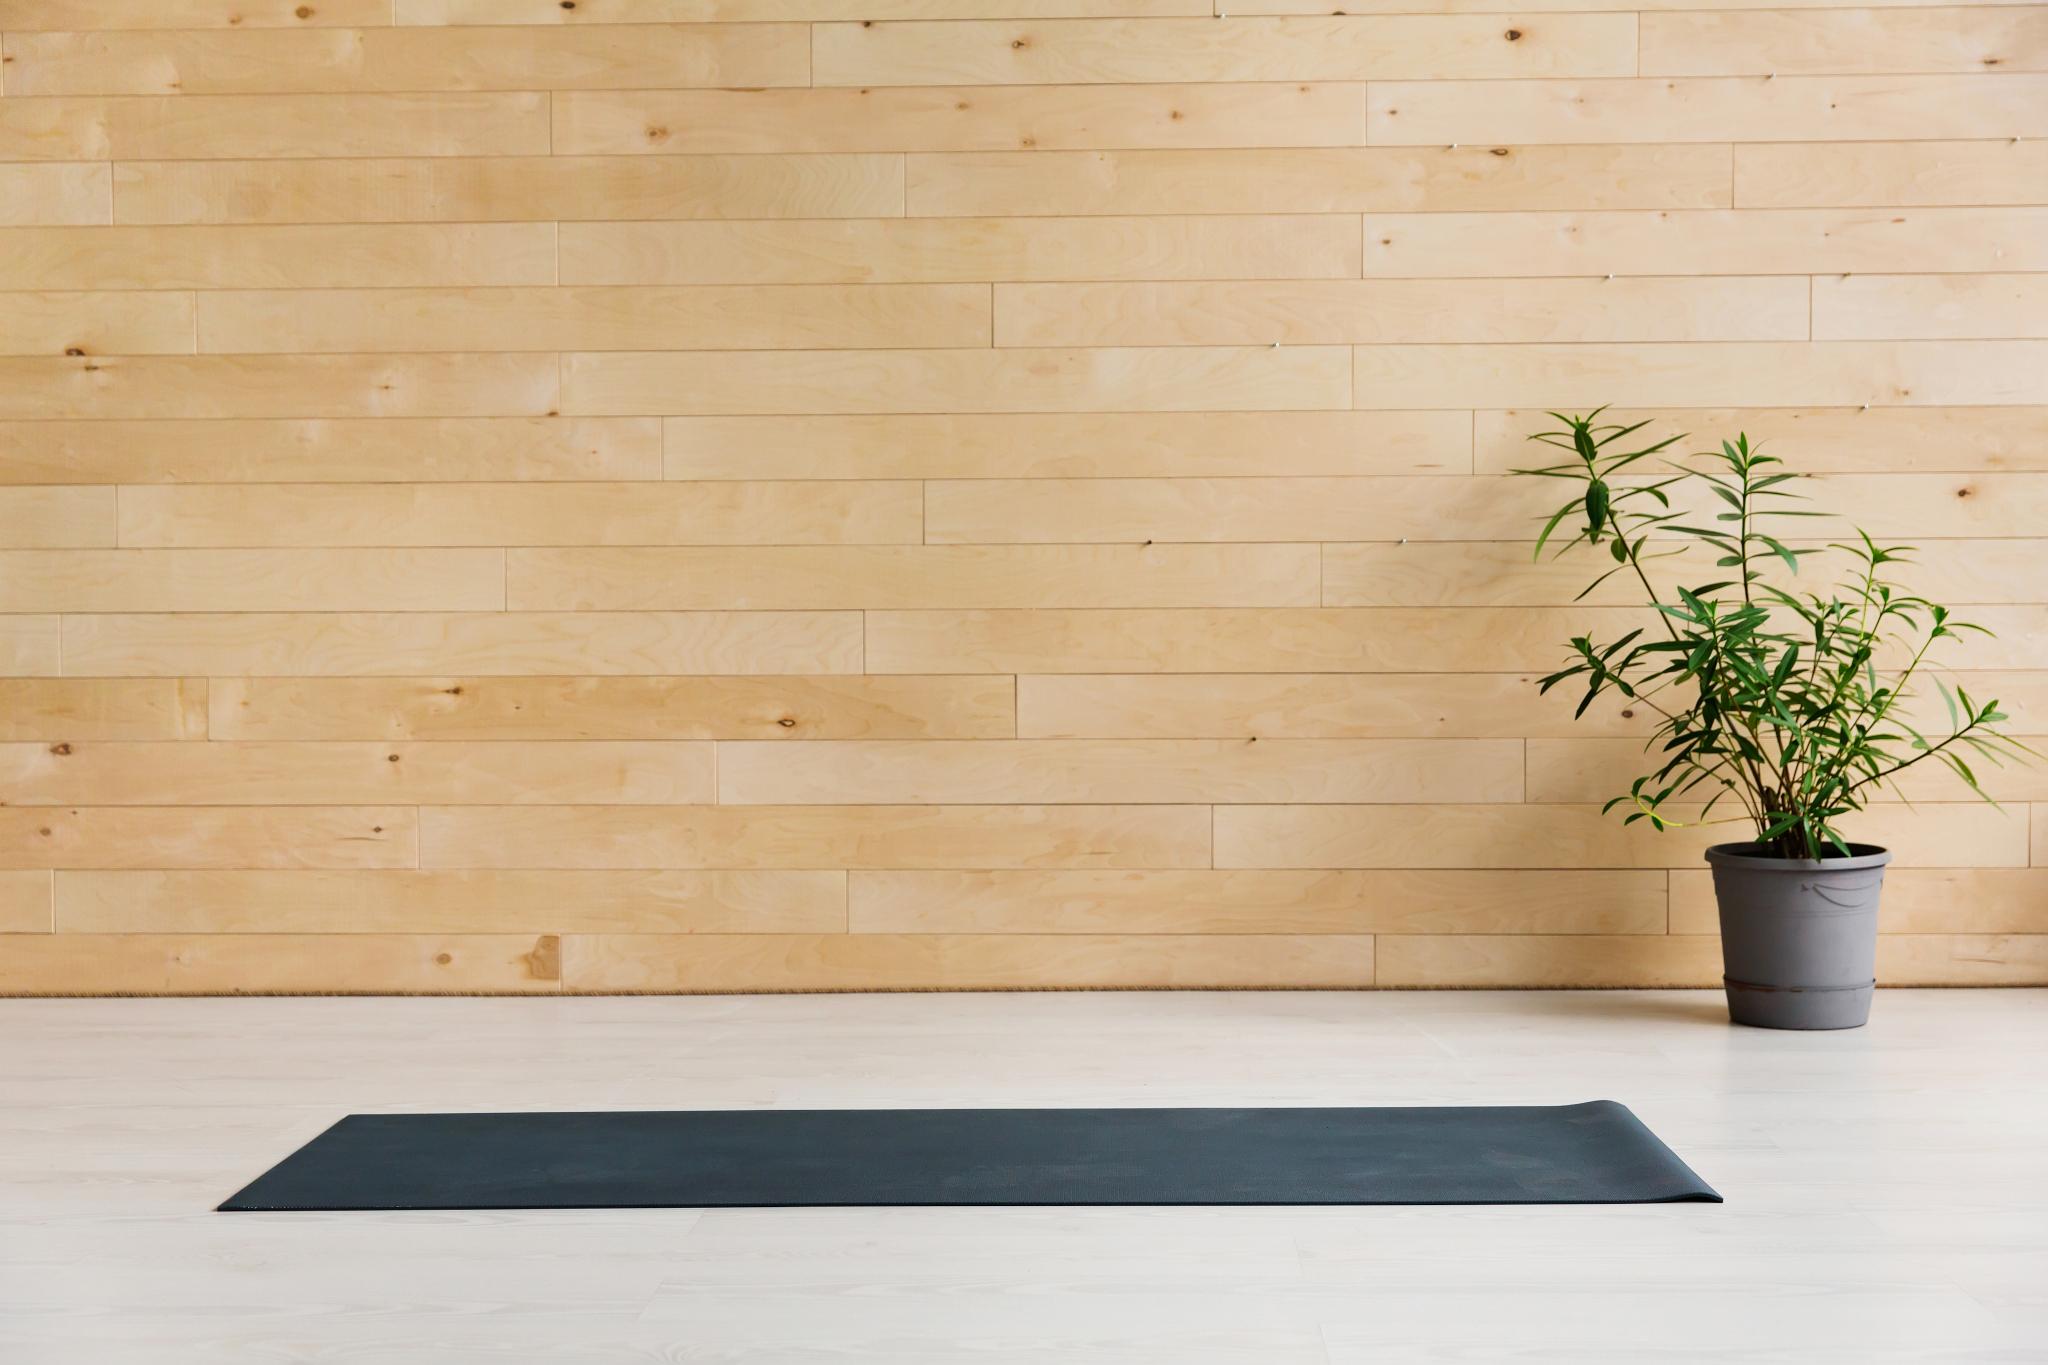 Yogamatte die am Boden liegt